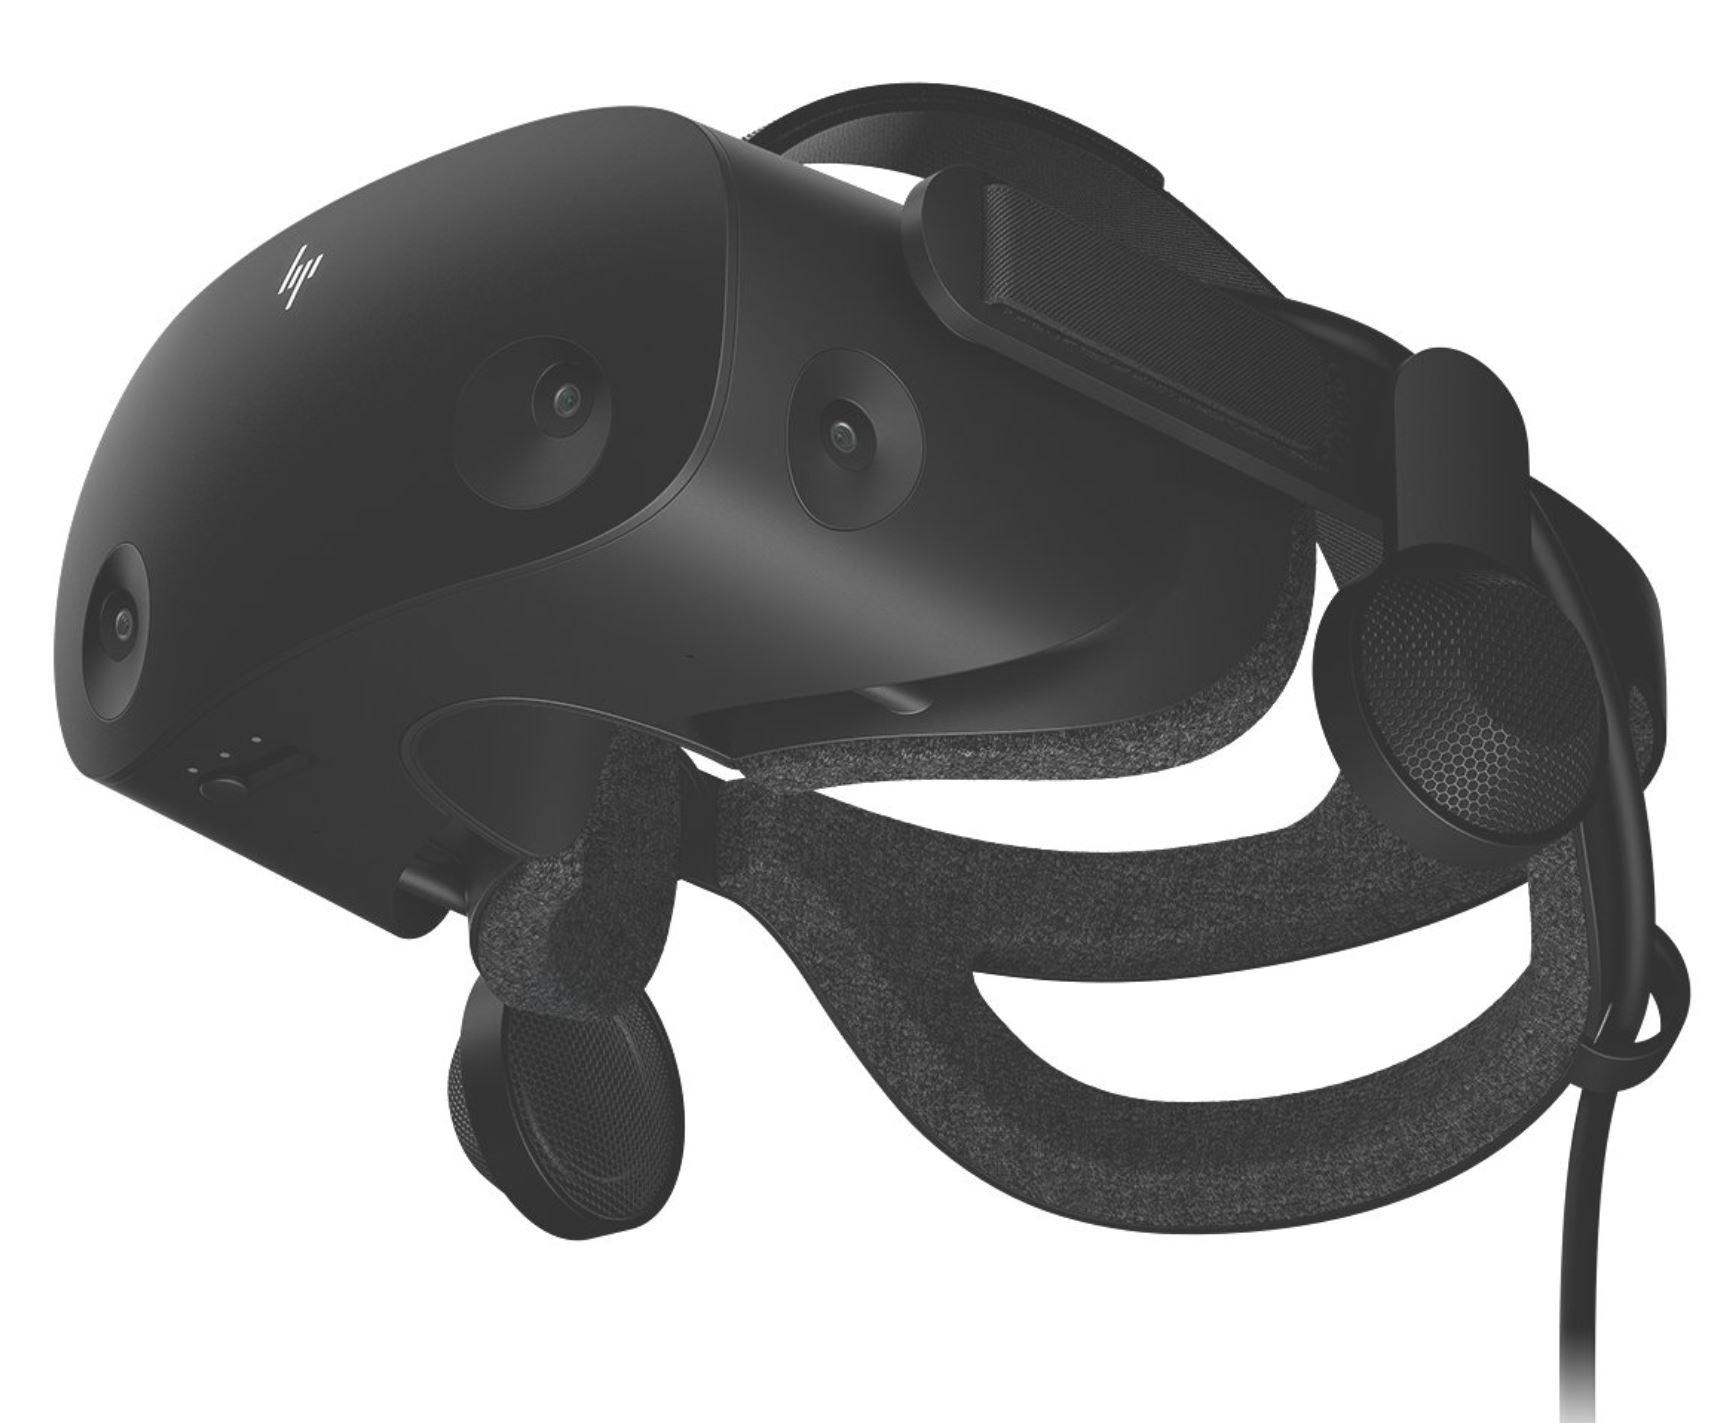 Conçu par HP, Microsoft et Valve, ce casque de réalité mixte s'annonce prometteur